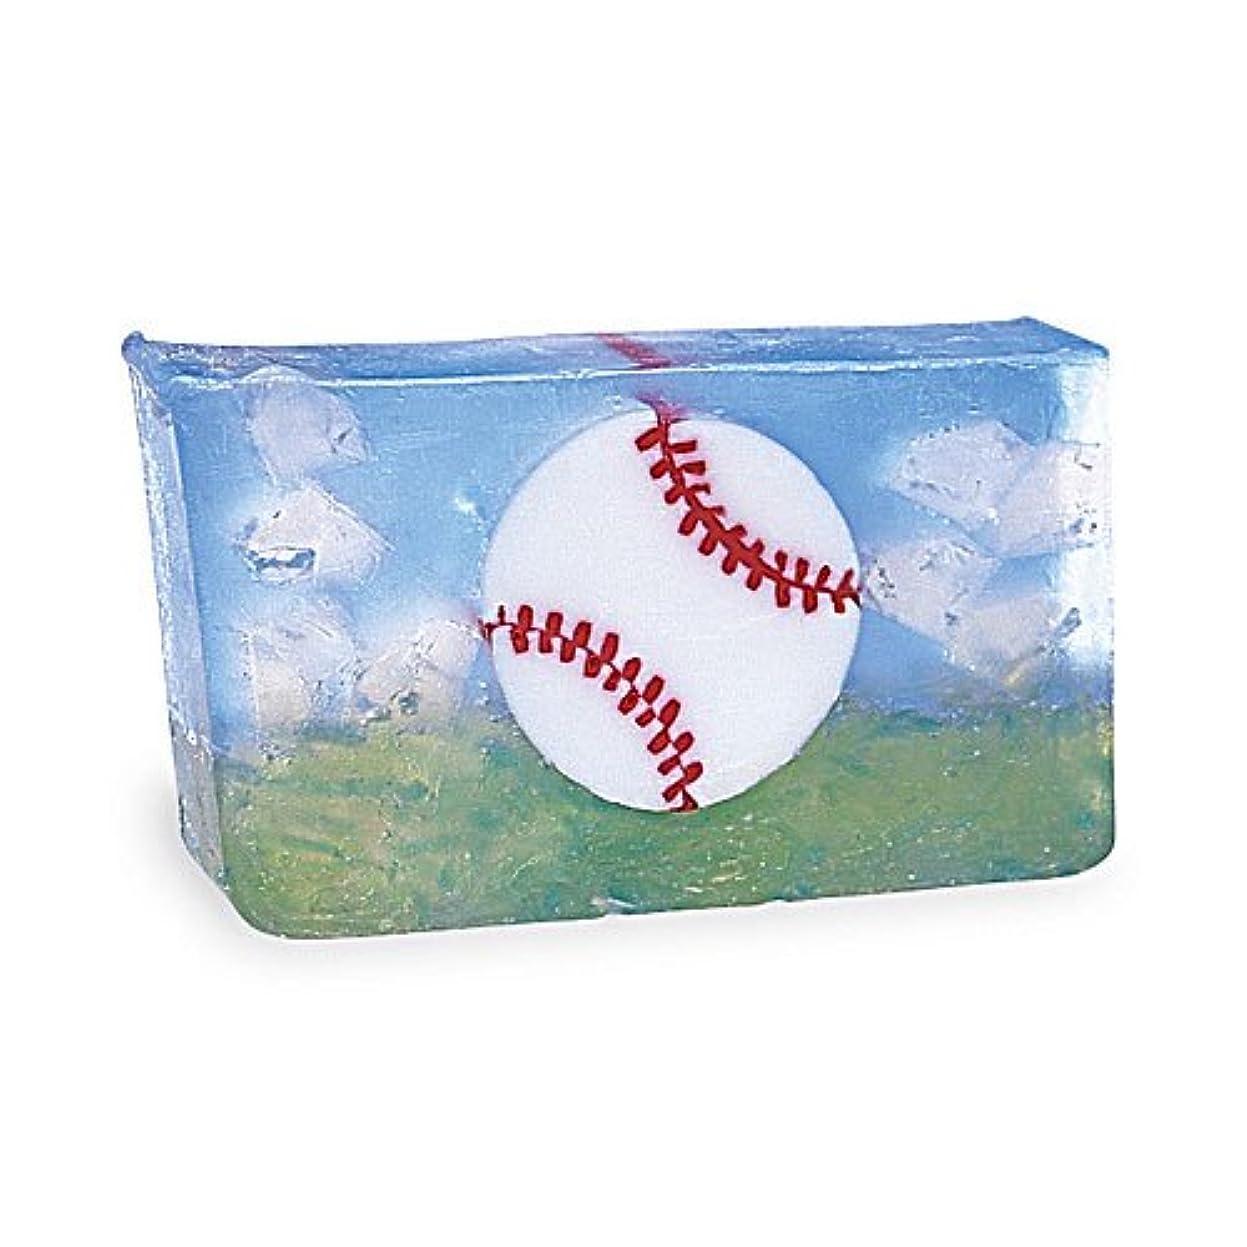 埋めるもっと少なく回復プライモールエレメンツ アロマティック ソープ ベースボール 180g 植物性 ナチュラル 石鹸 無添加